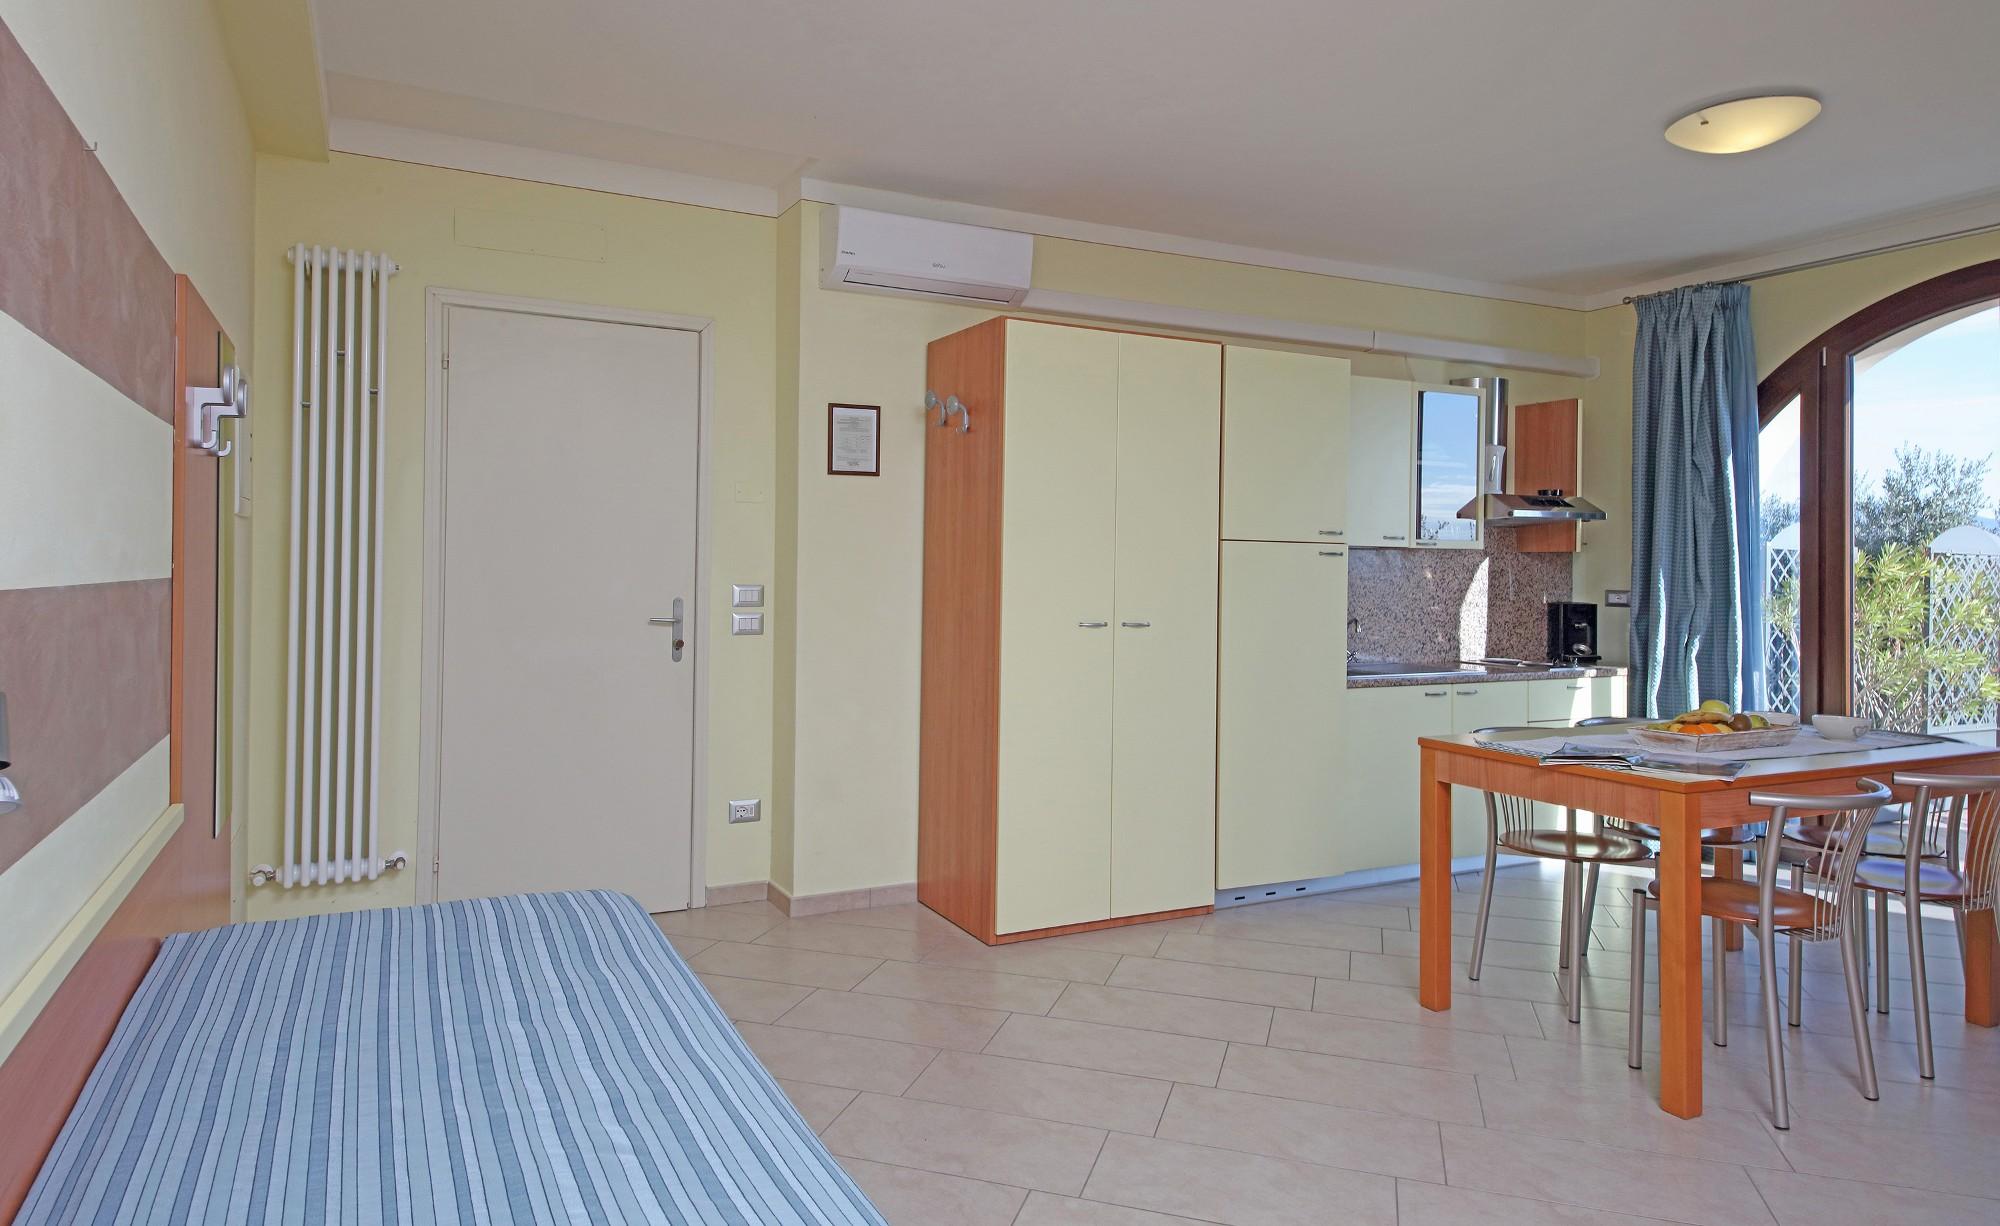 zwei zimmer wohnung ferienwohnungen residence ForZwei Zimmer Wohnung